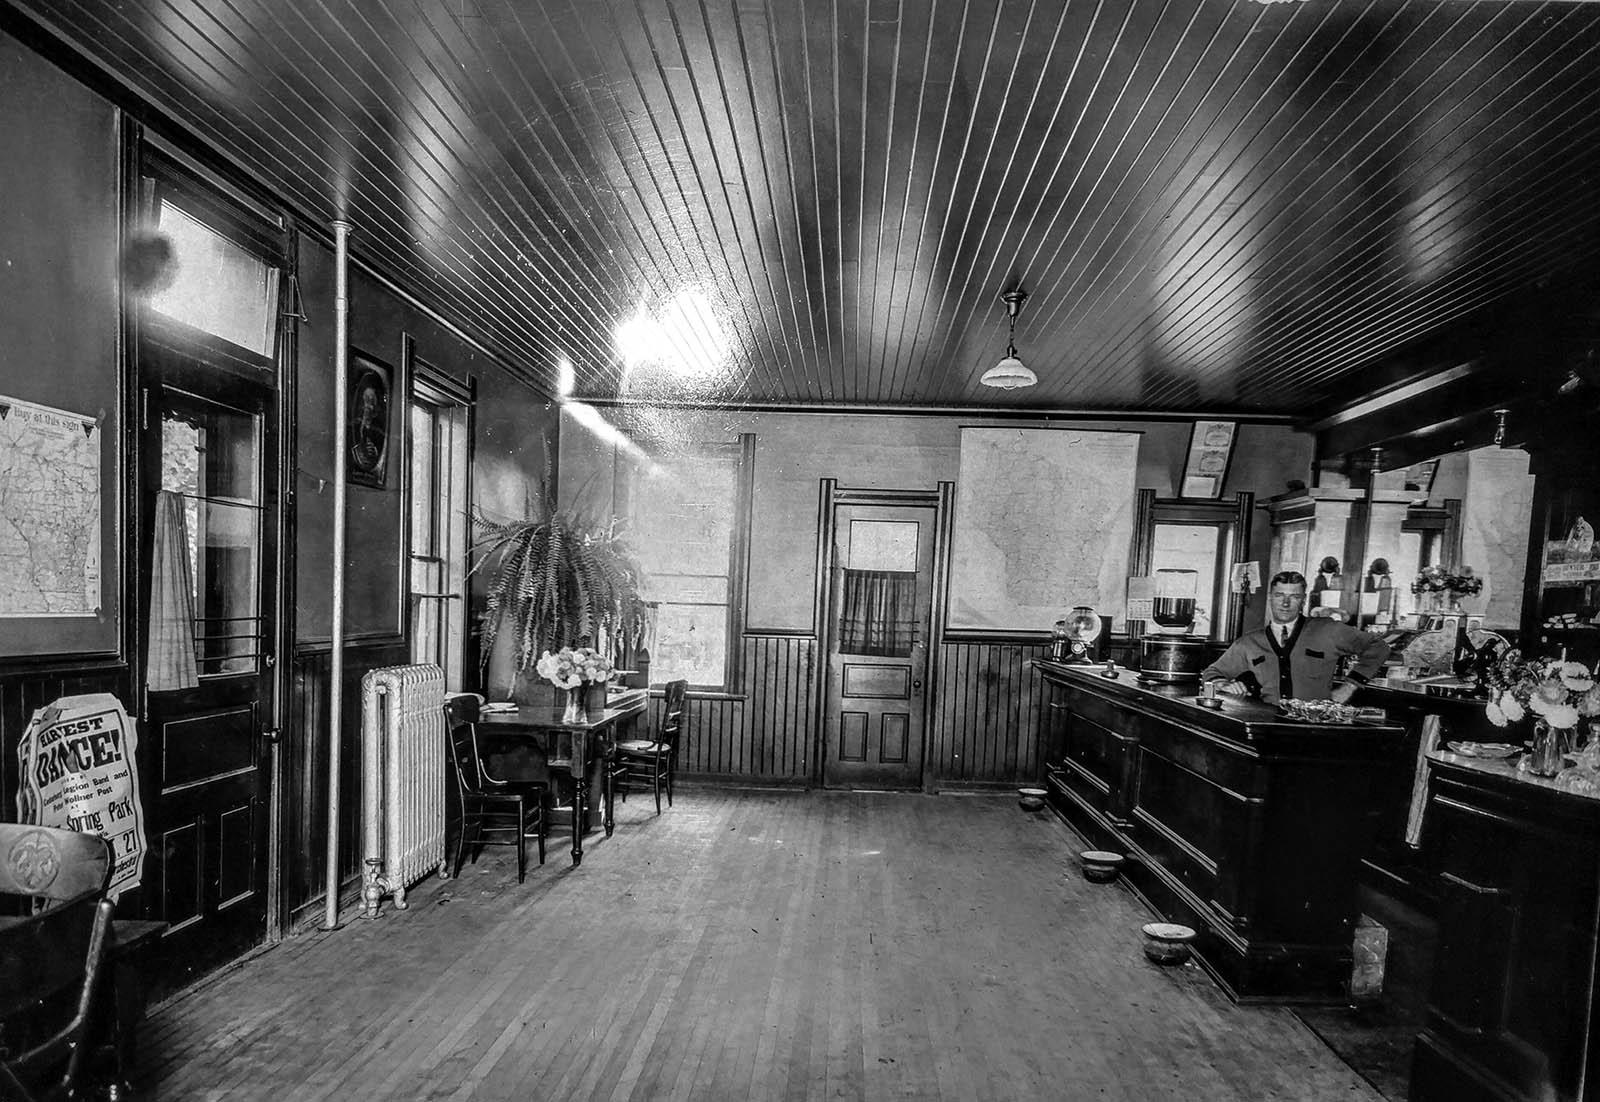 The Cheel barroom